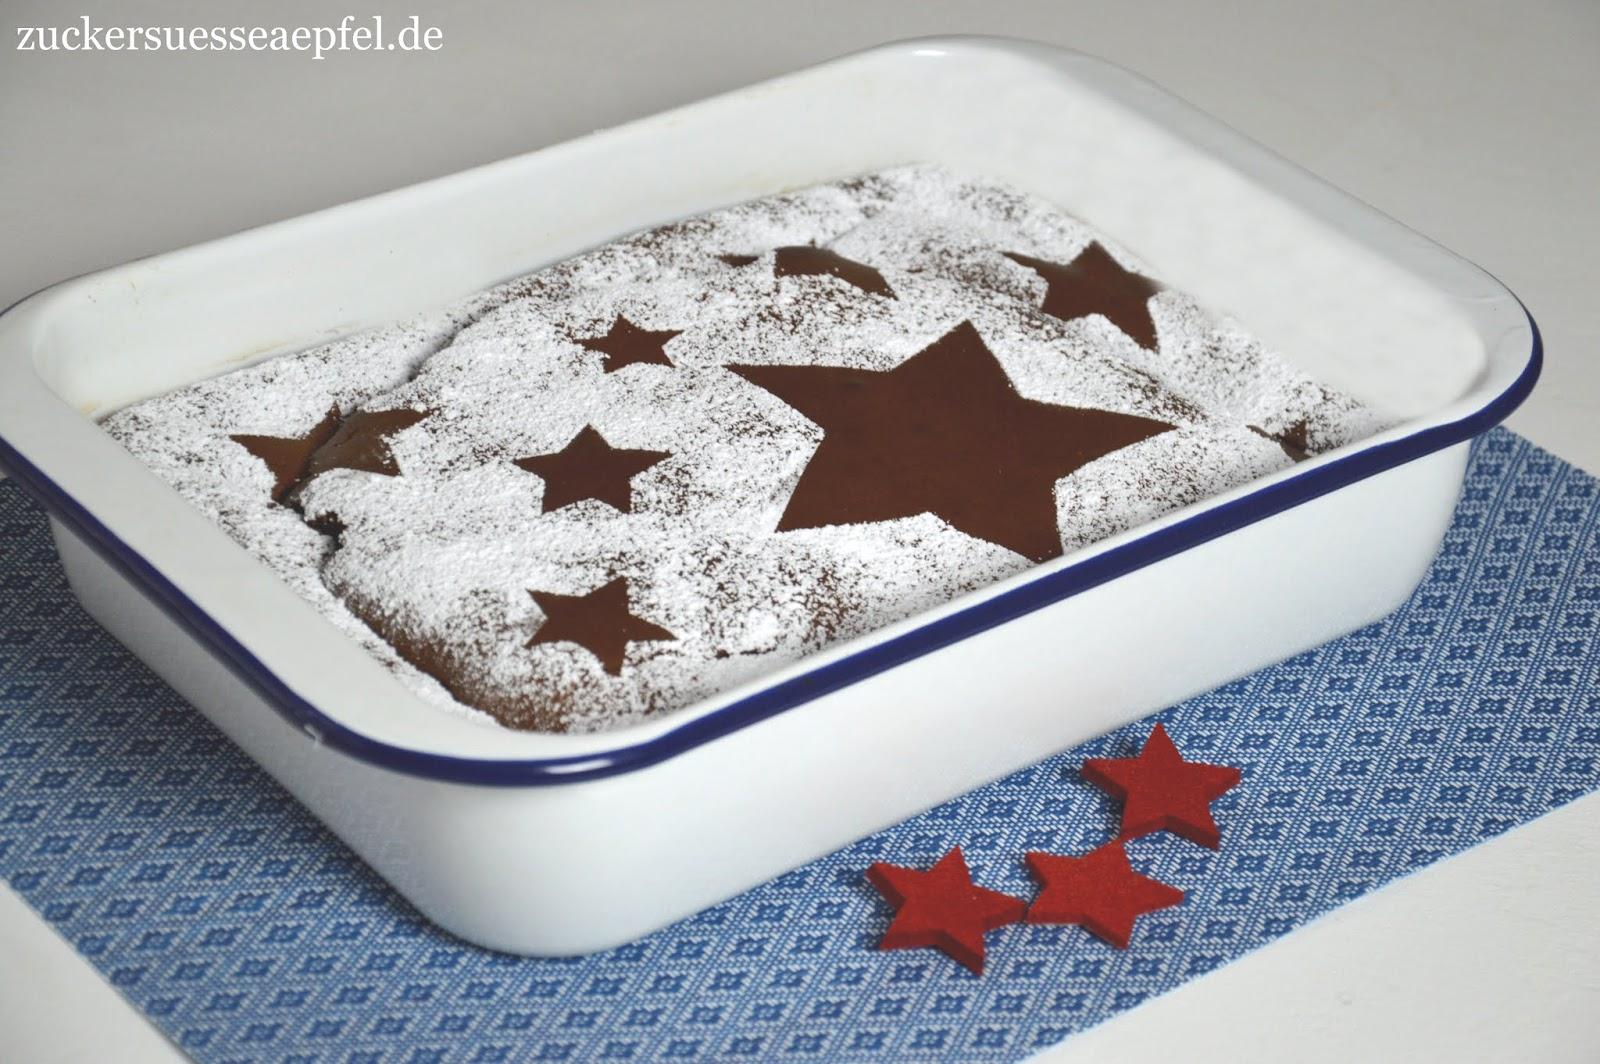 Ein Rezept Fur Einen Danischen Schokoladenkuchen Zuckersusse